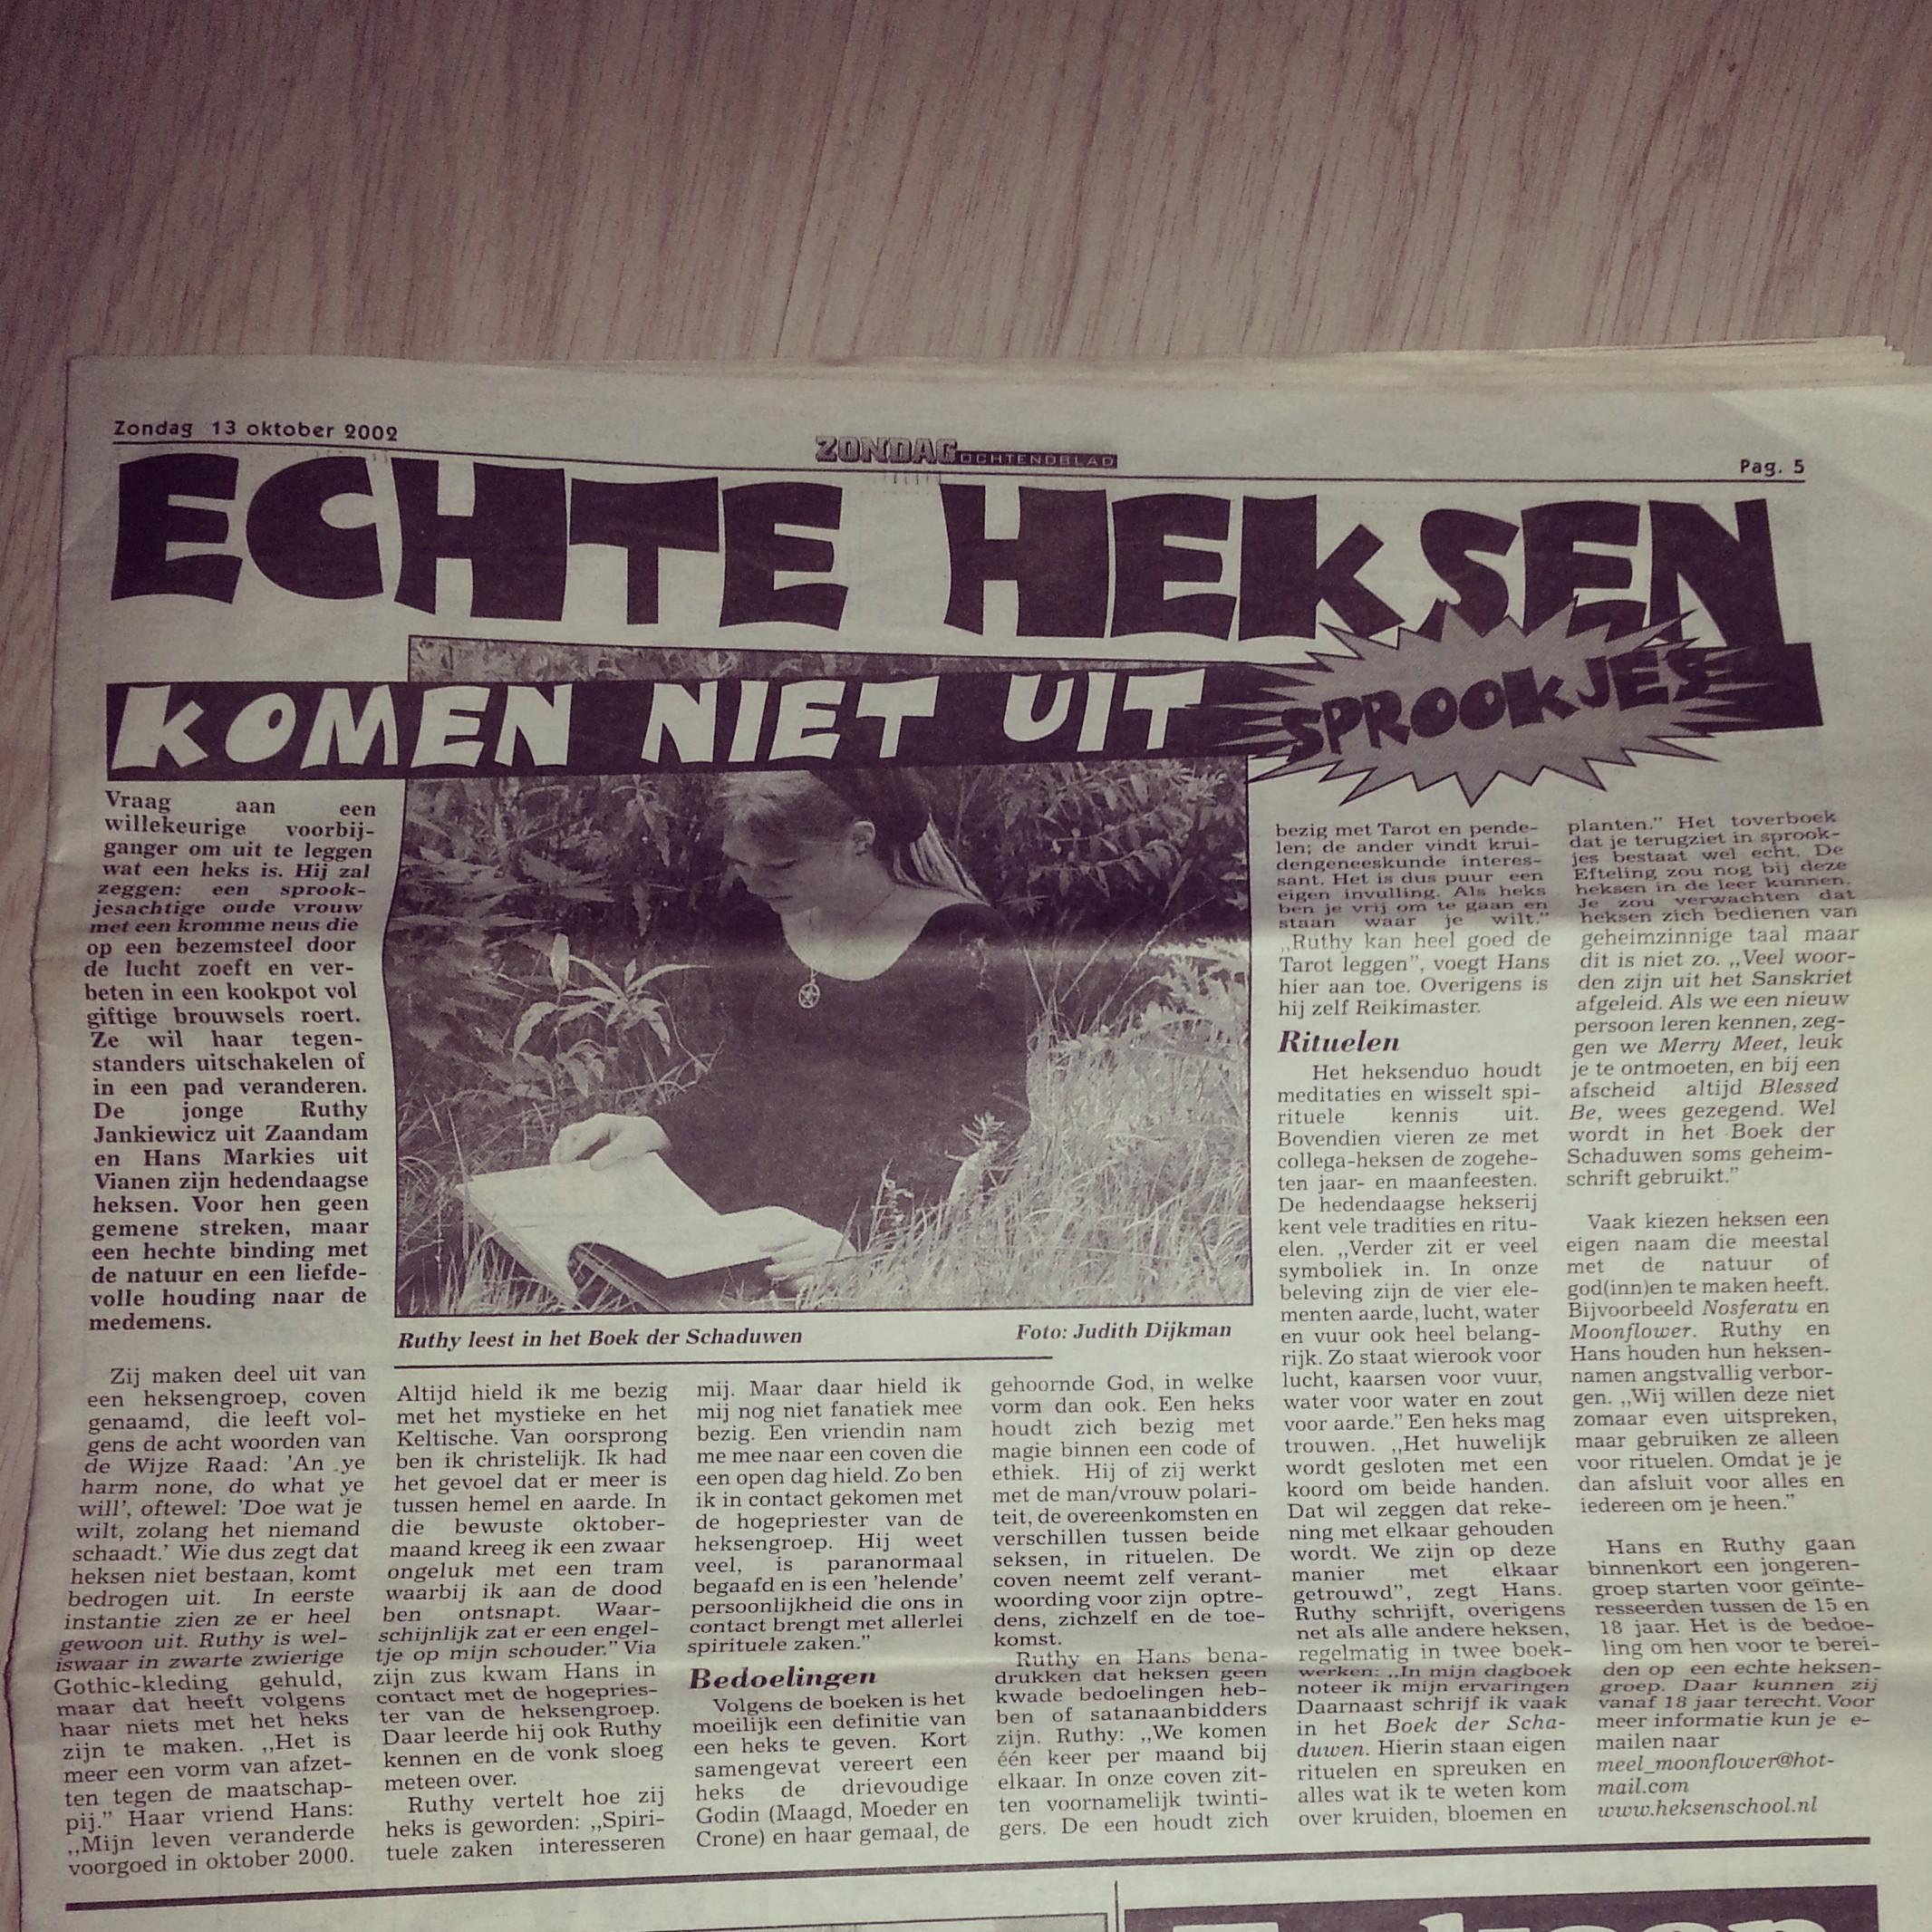 Mijn eerste interview: Noord Holland Dagblad 2002 - Echte Heksen komen niet uit Sprookjes